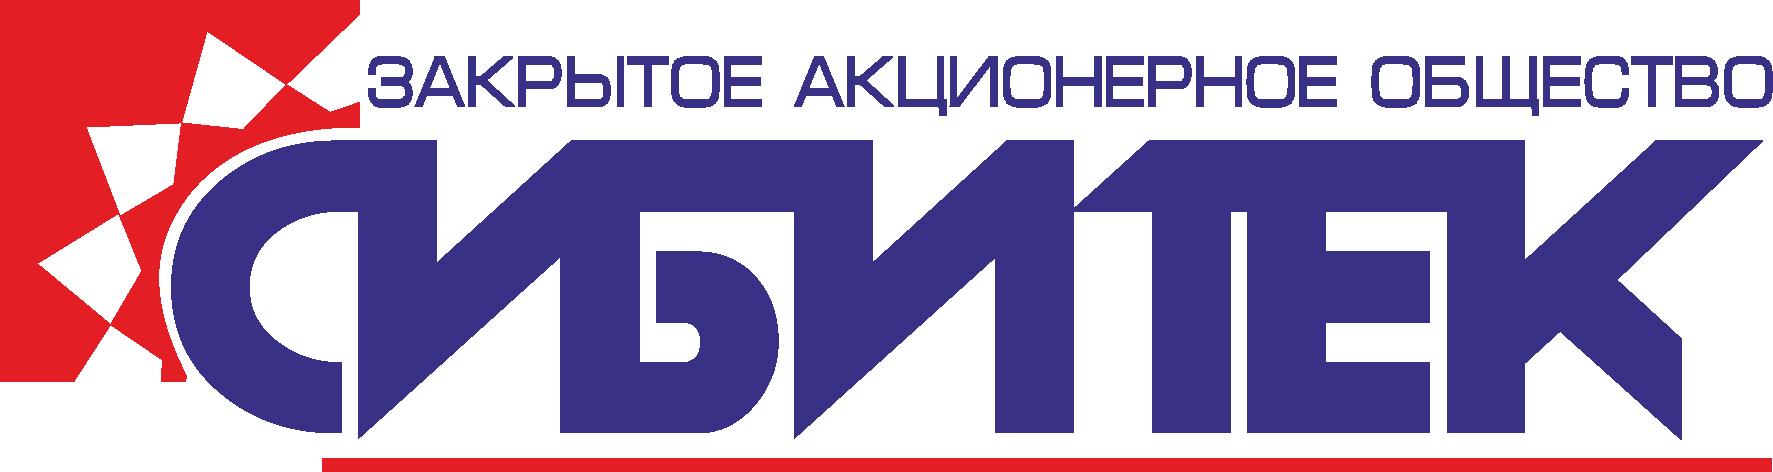 Сибитек.png